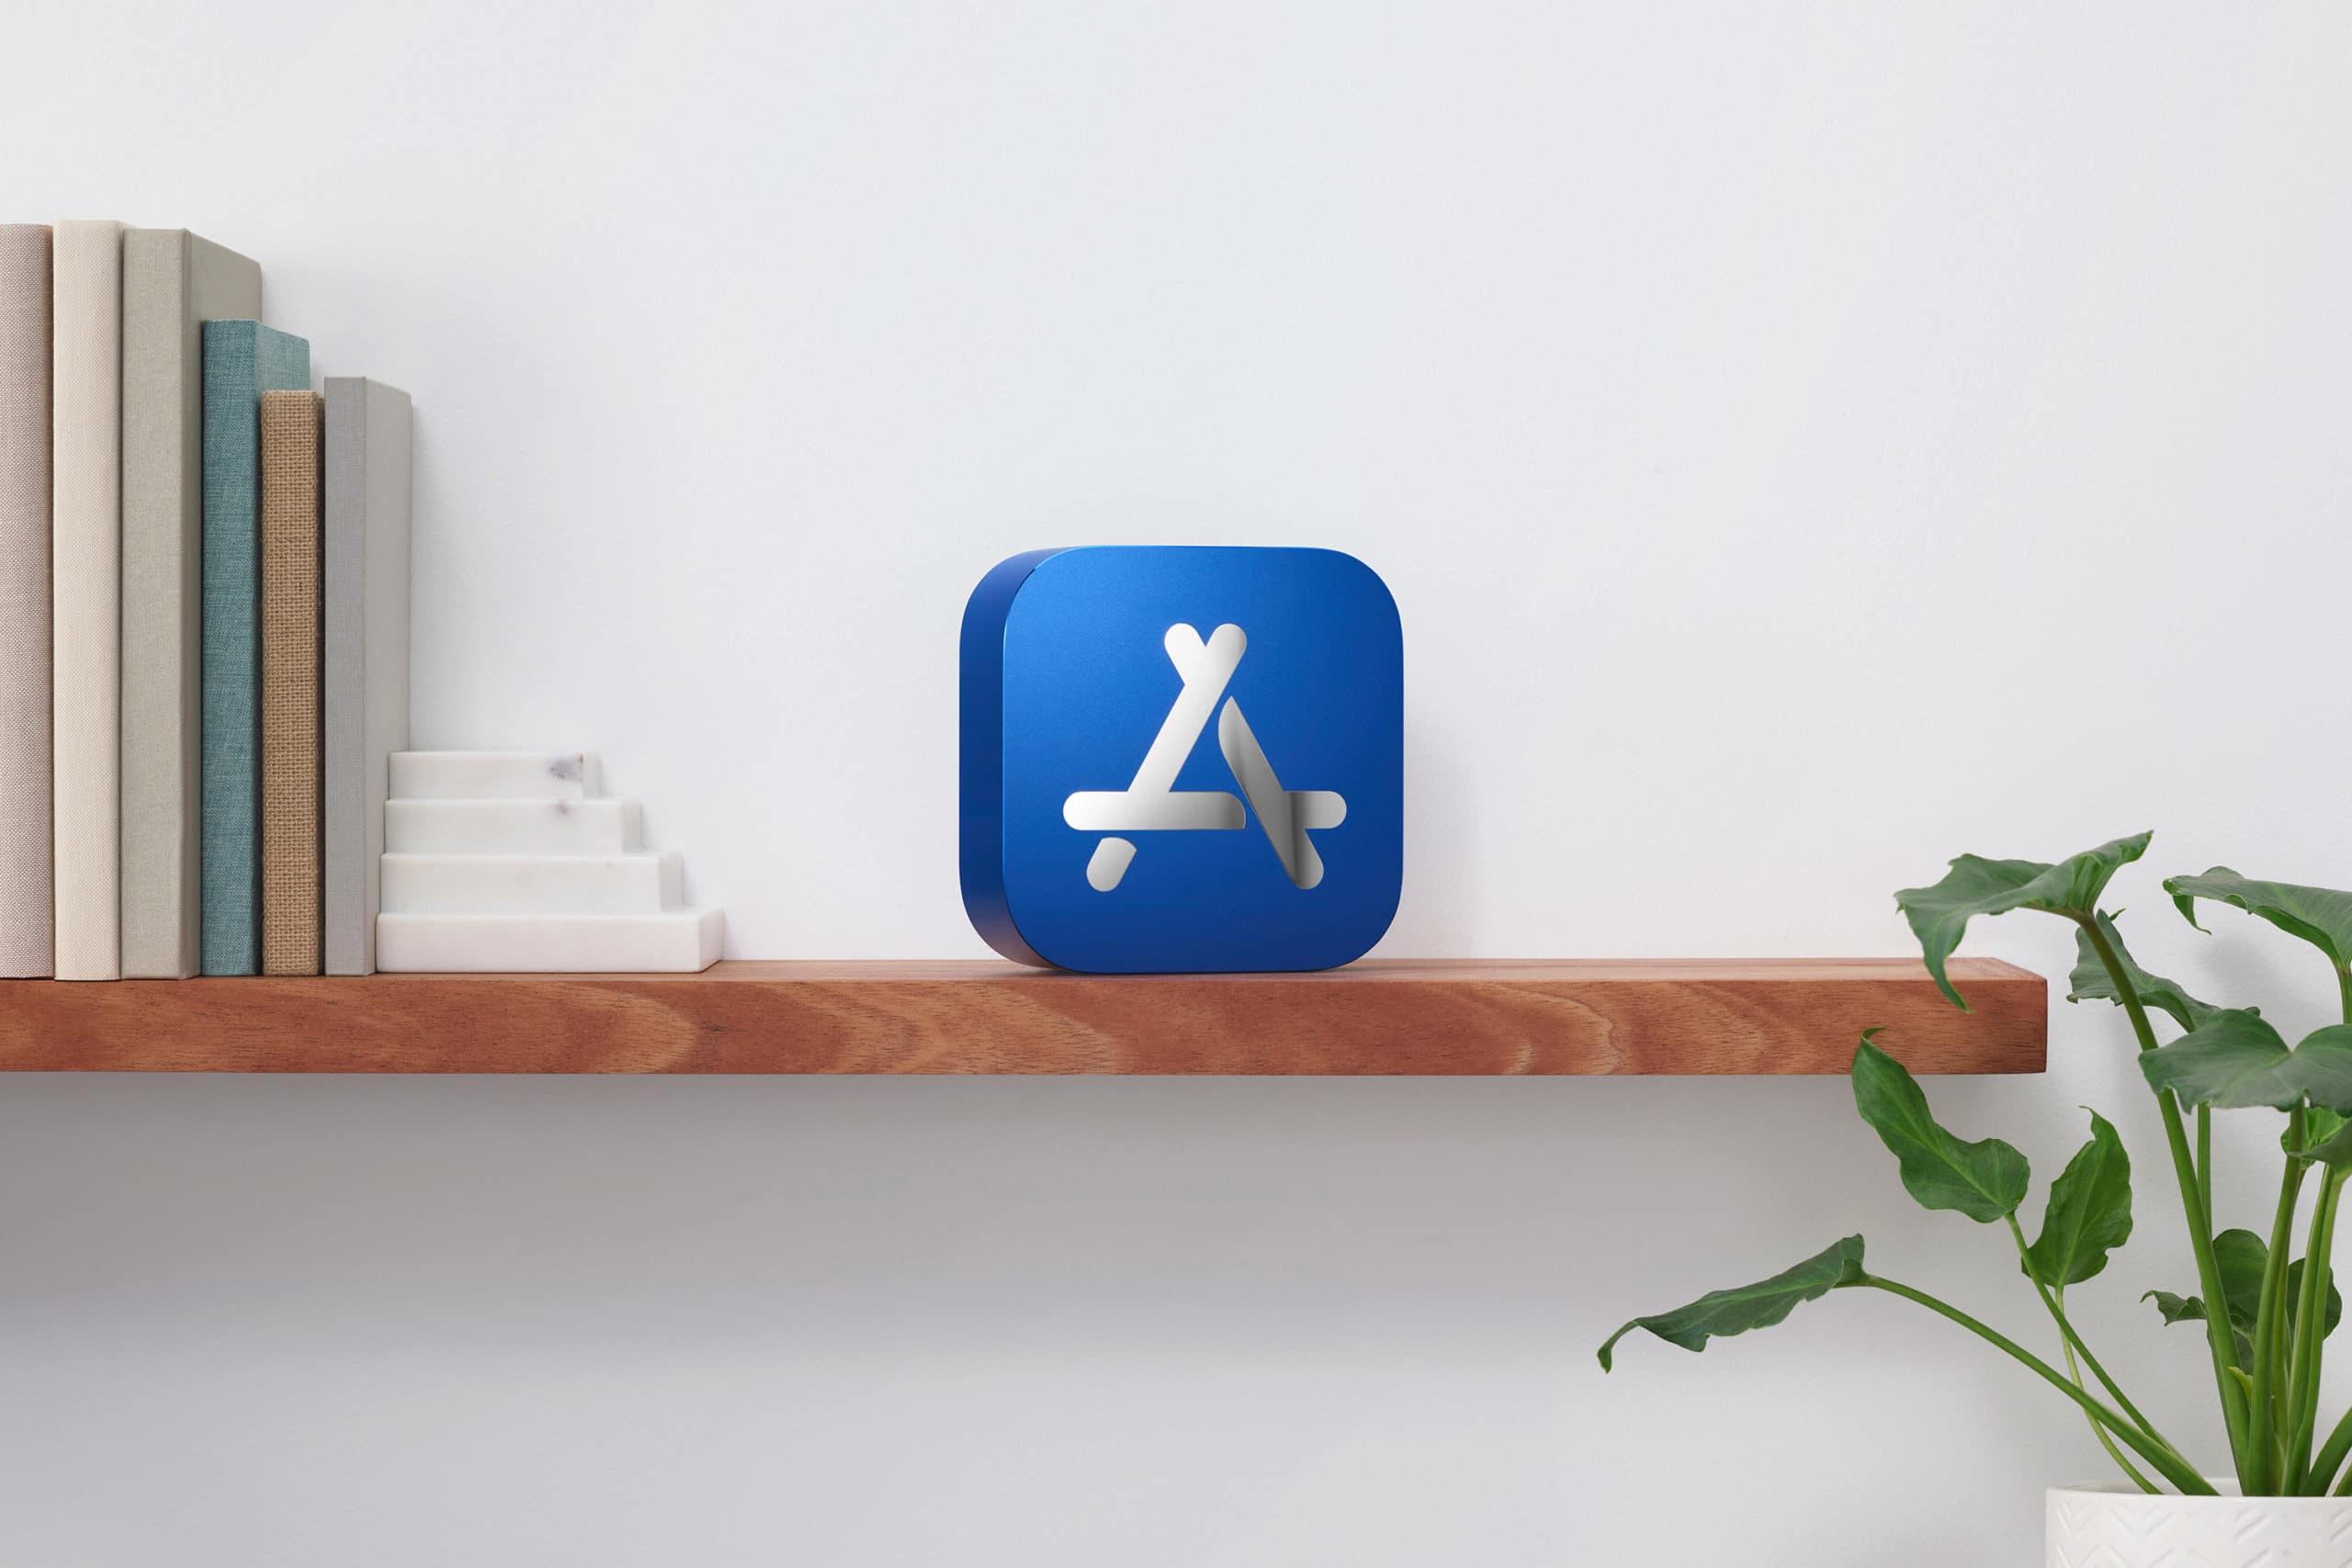 Best of App Store 2020